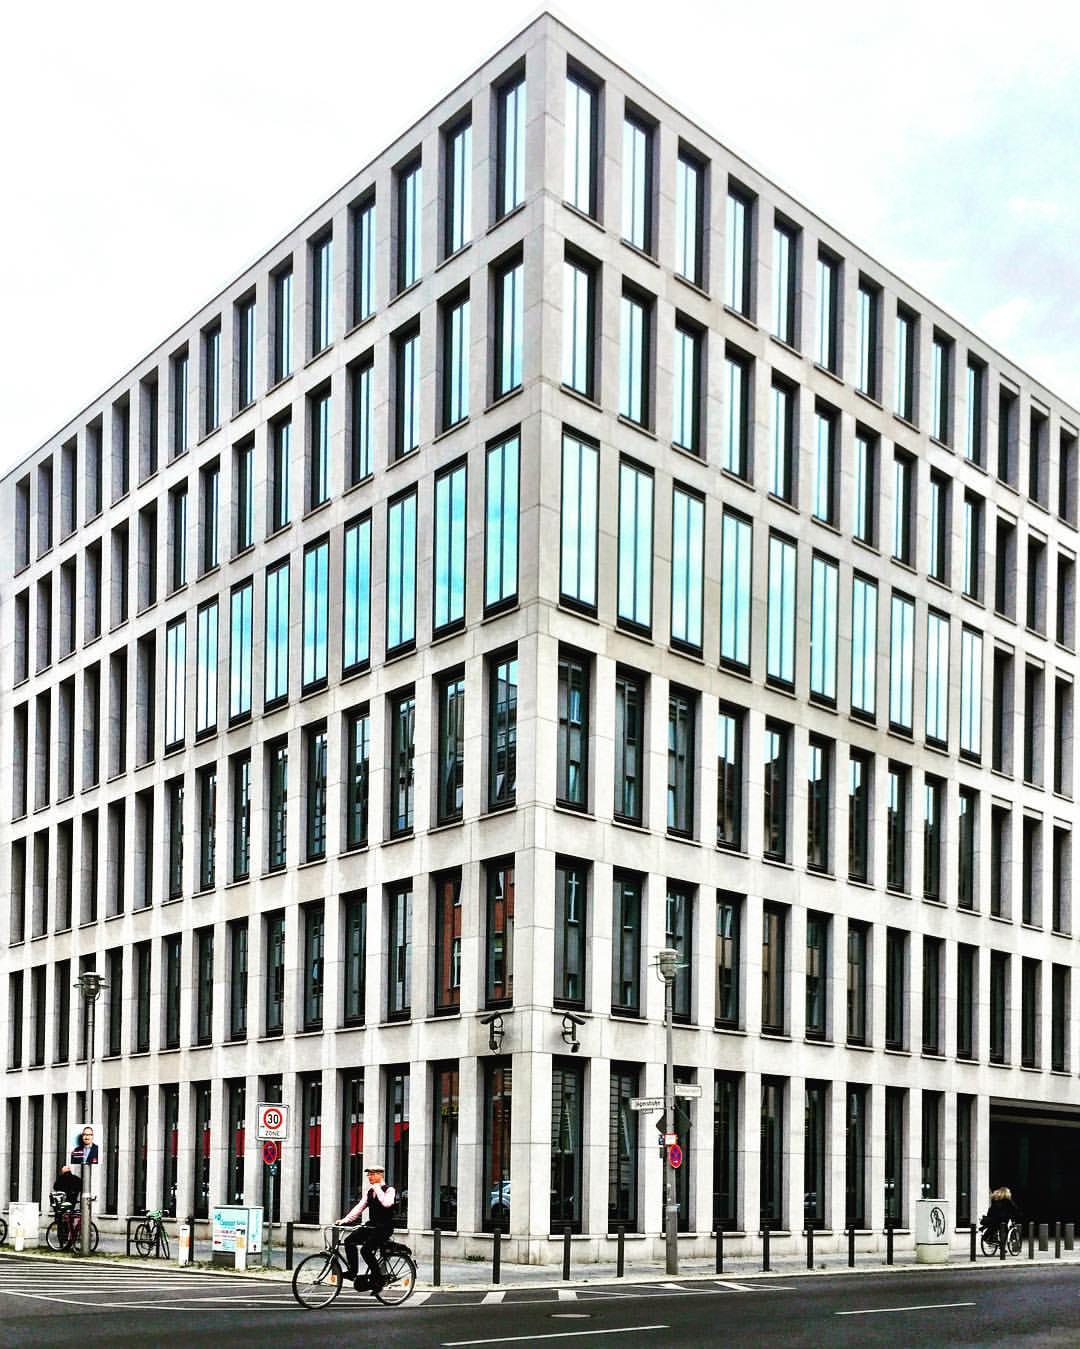 7. Adoro paisagens simétricas! E você? #paracegover A imagem mostra um prédio de concreto e vidro visto de esquina, em perfeita simetria. No canto esquerdo, passa um ciclista ( Französische Straße).